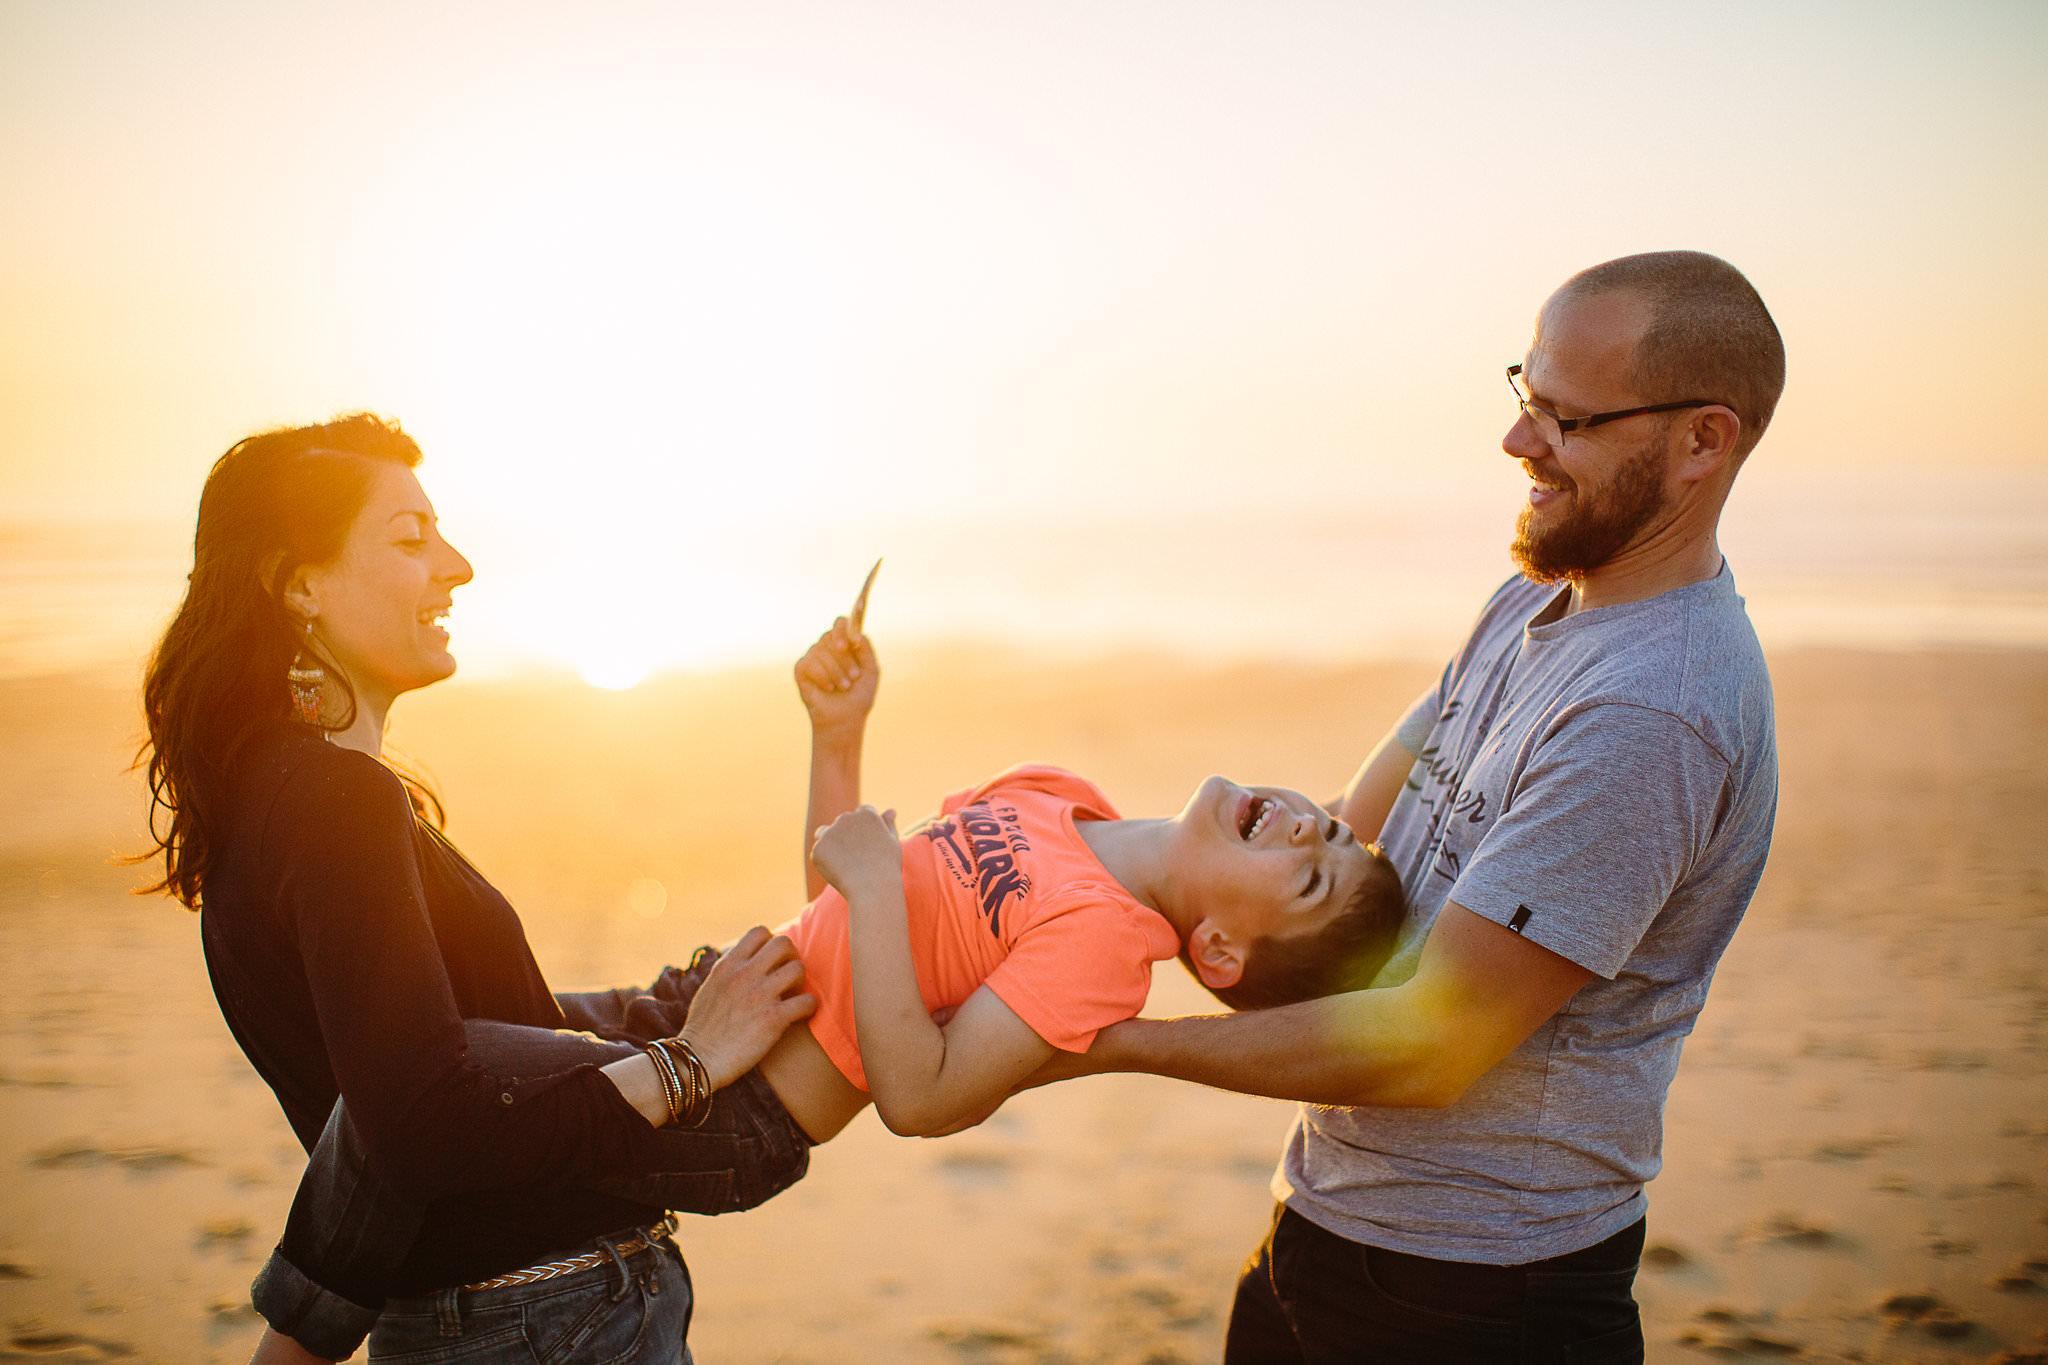 claire saucaz photographe de famille a biarritz sur la cote basque